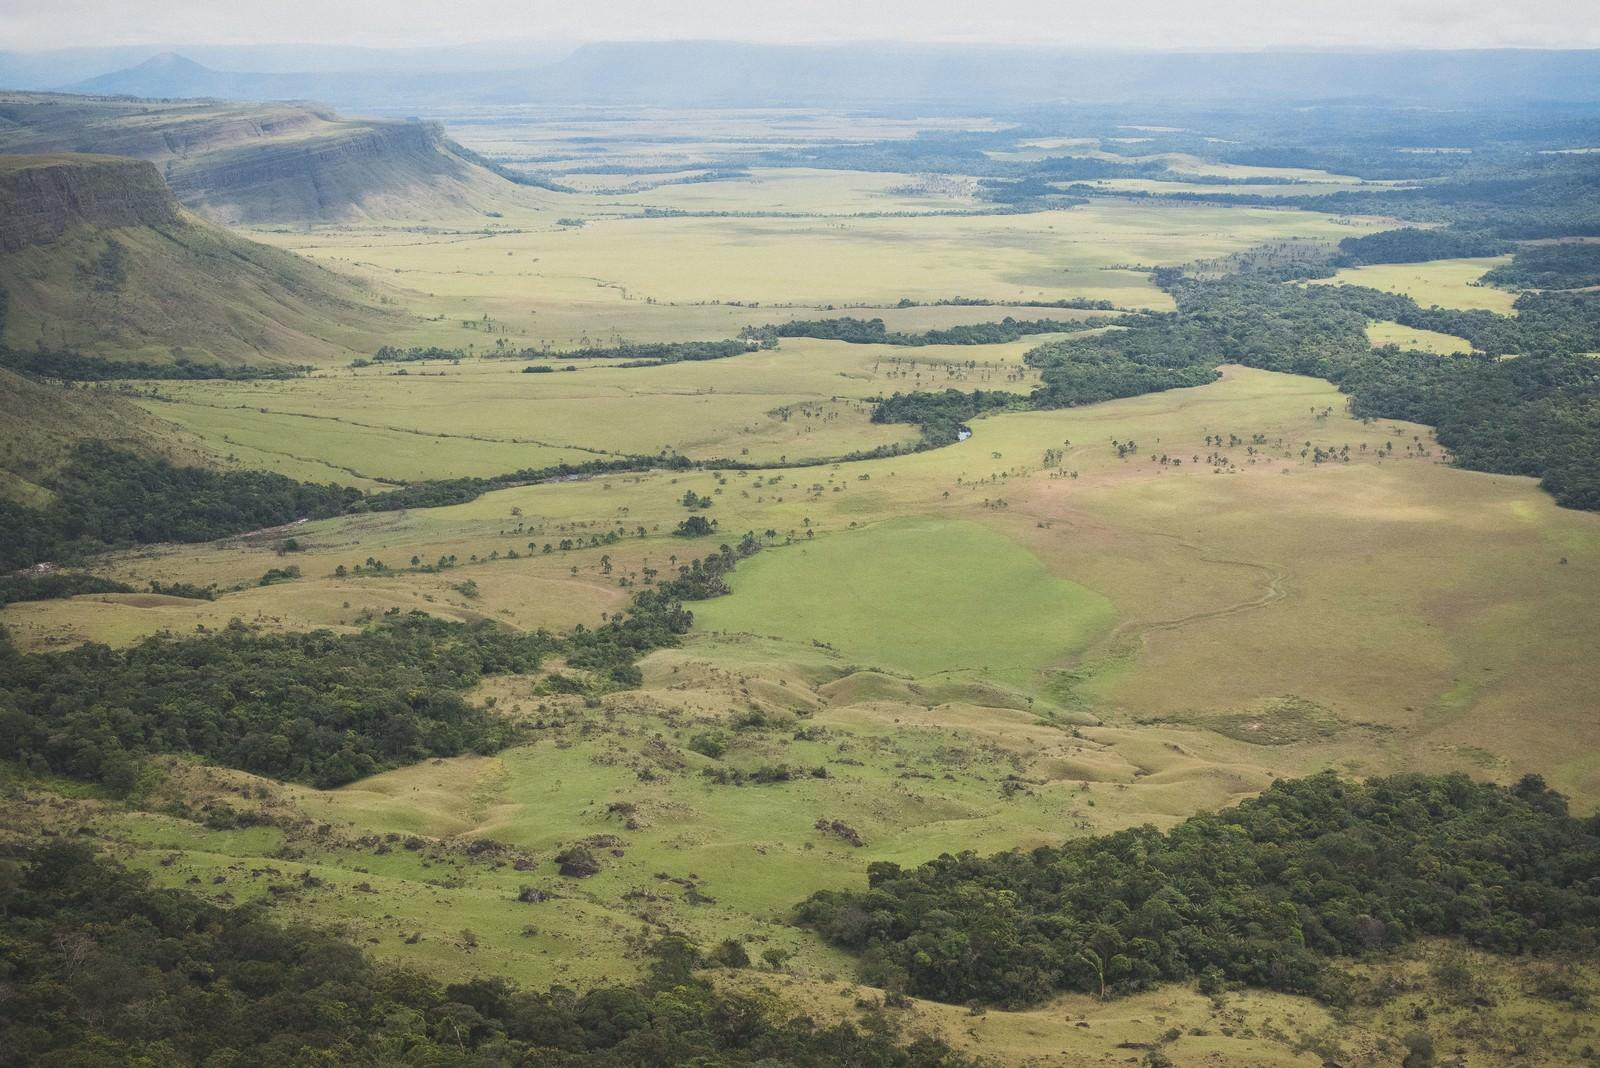 「ベネズエラのギアナ高地ベネズエラのギアナ高地」... ベネズエラのギアナ高地|ぱくたそフリー素